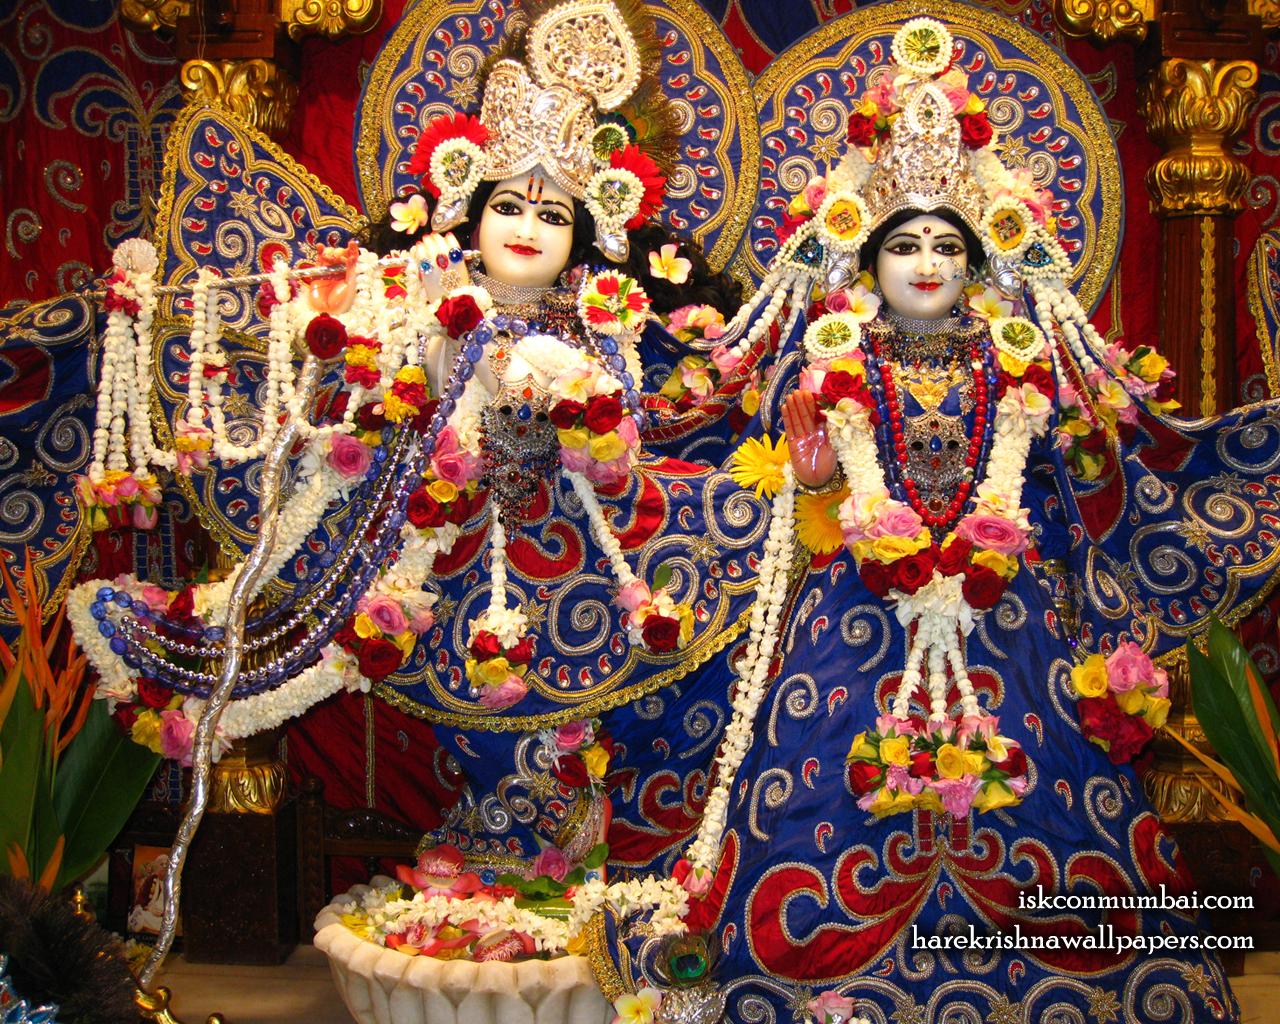 Sri Sri Radha Rasabihari Wallpaper (003) Size 1280x1024 Download